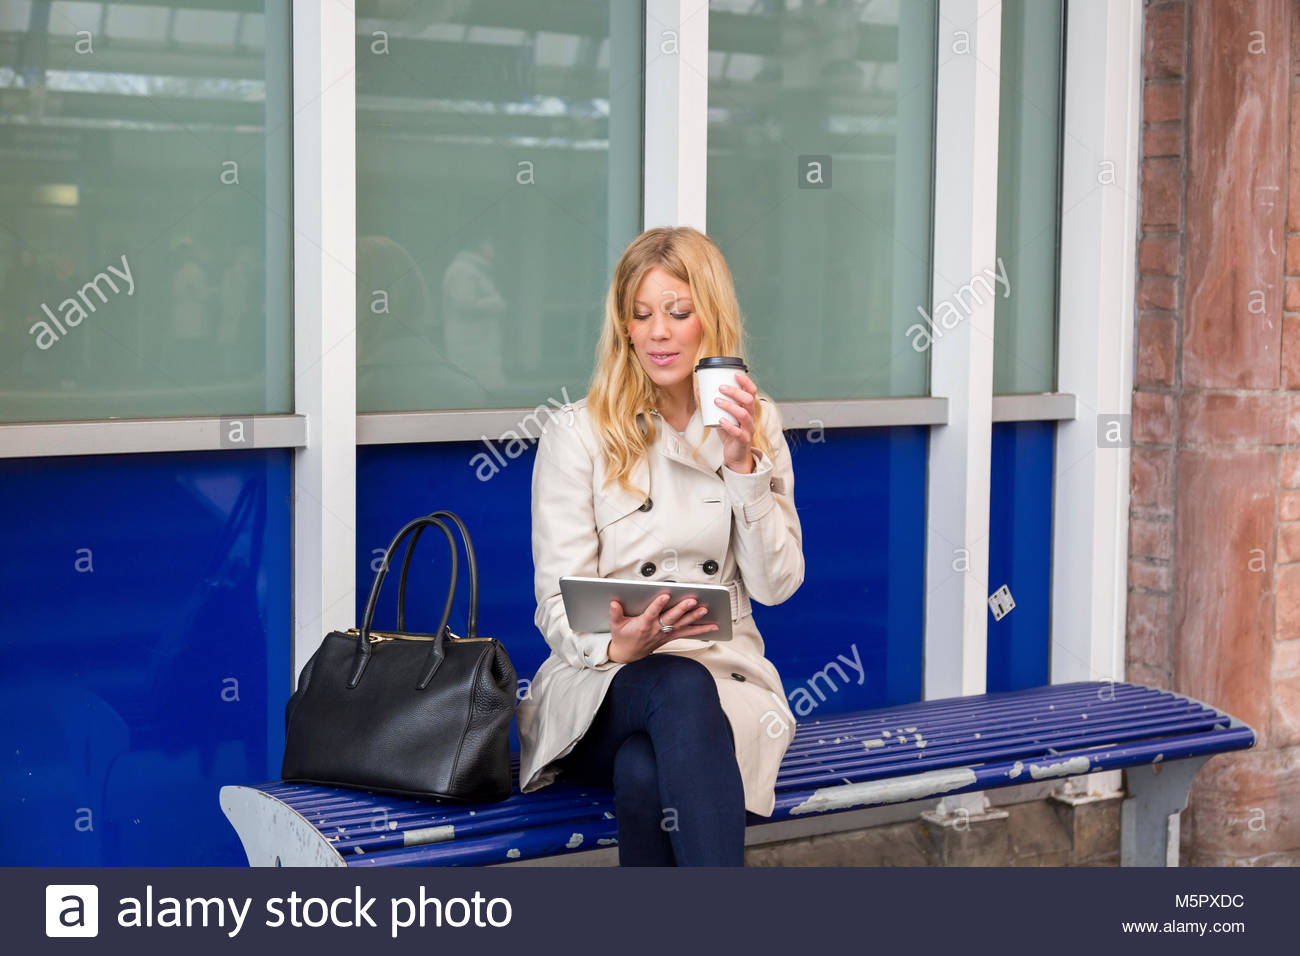 Junge Frau auf einer Bank sitzen, Warten, Warten, Zug Stockbild